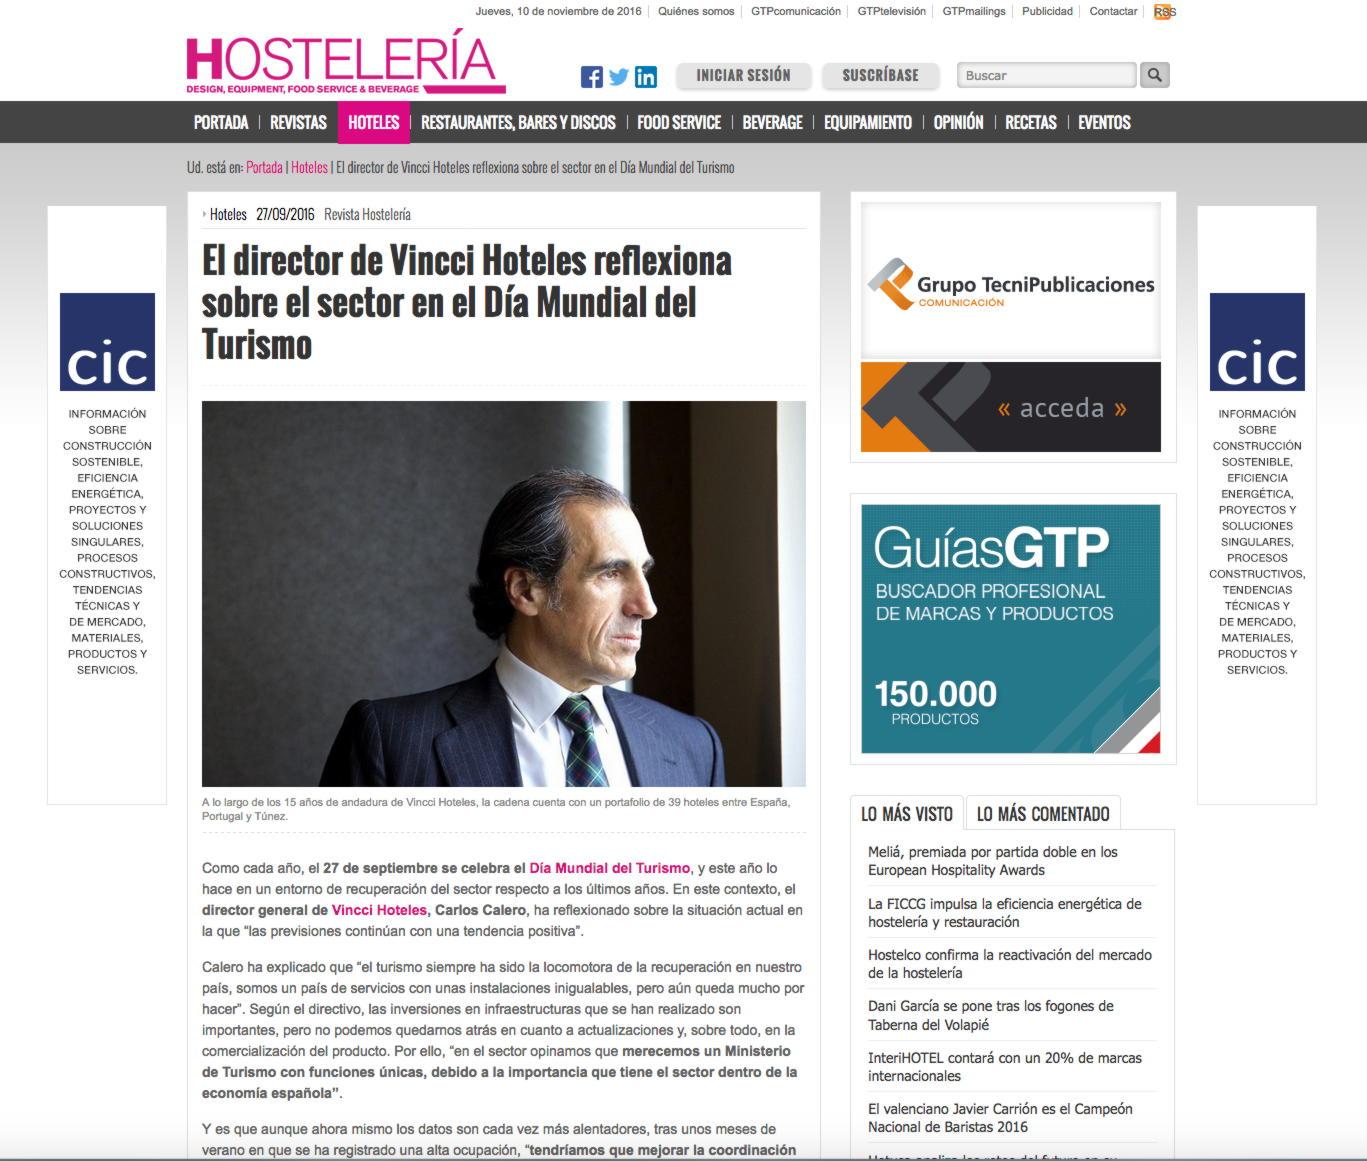 El director de Vincci Hoteles reflexiona sobre el sector en el Día Mundial del Turismo